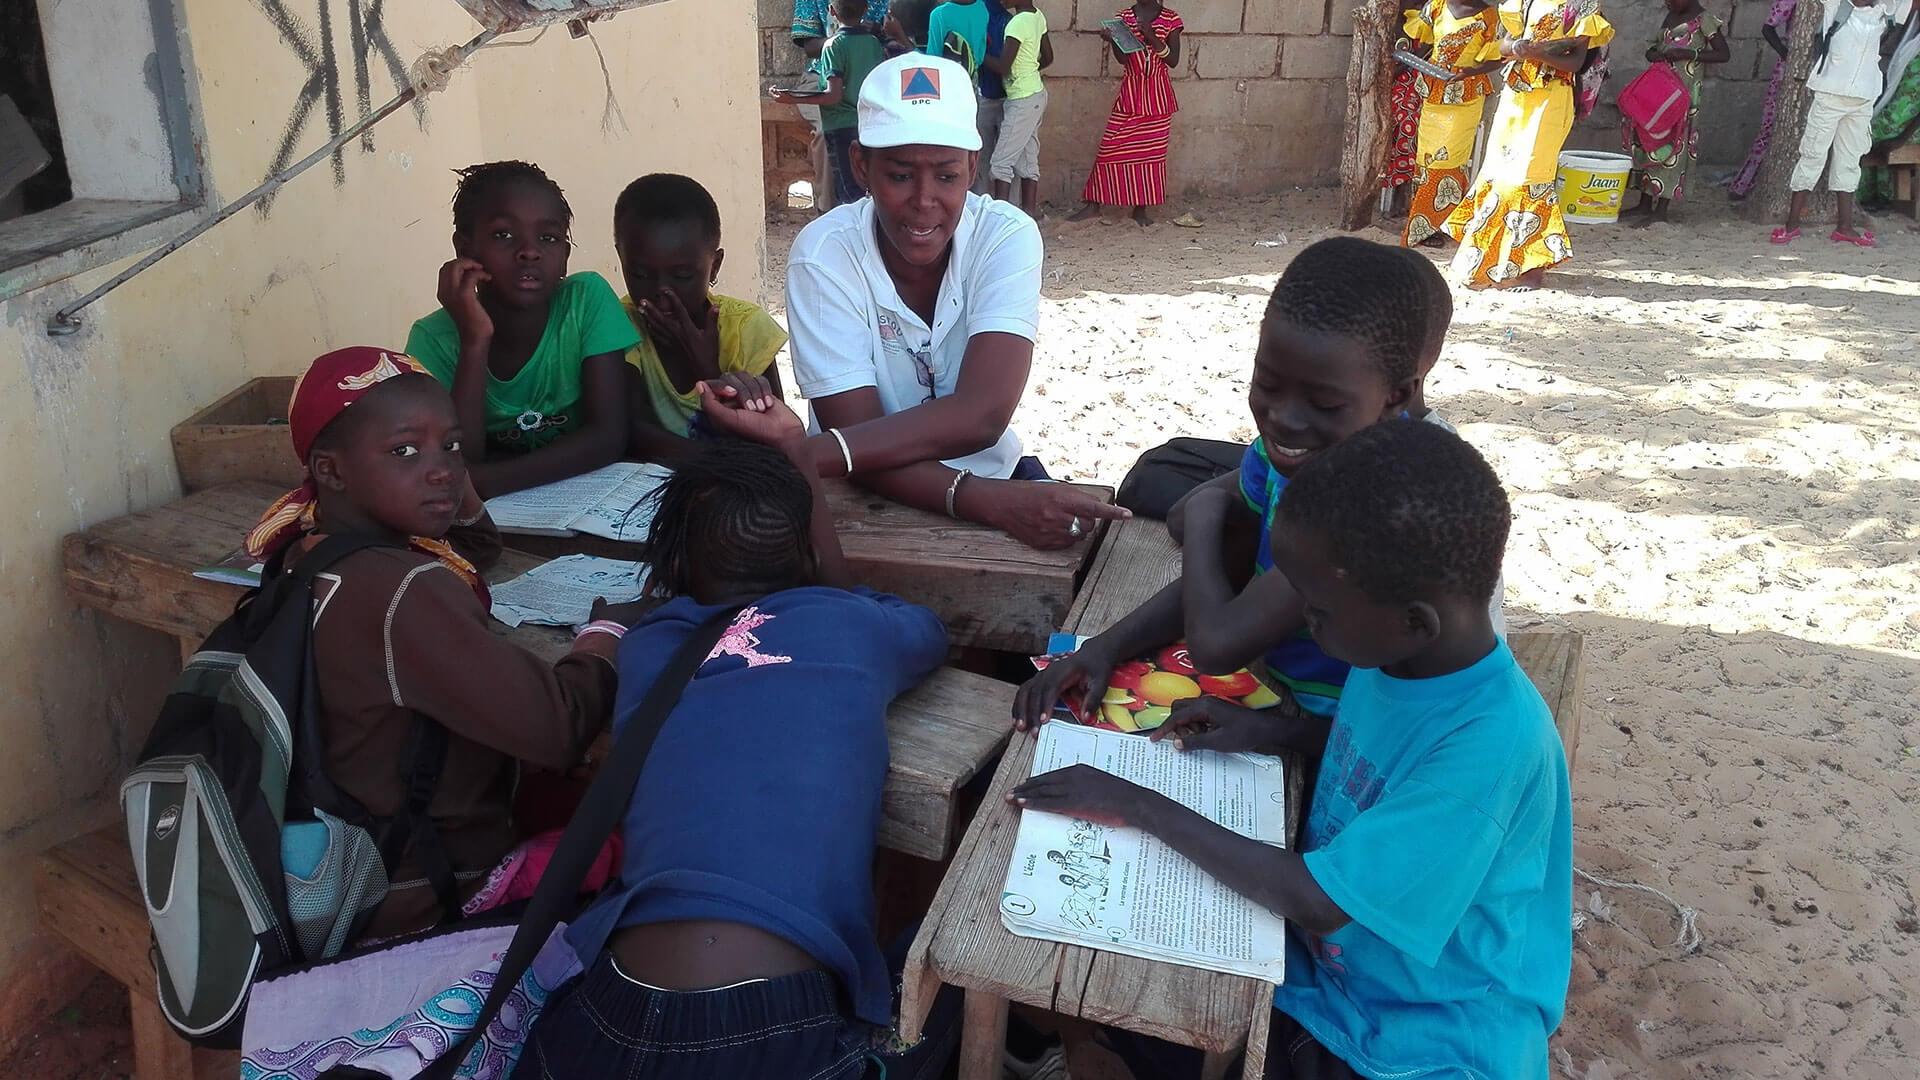 Französisch-Unterricht in der Straßenkinderschule mit Aissatou/Classe de francais dans l'école de la rue avec Aissatou